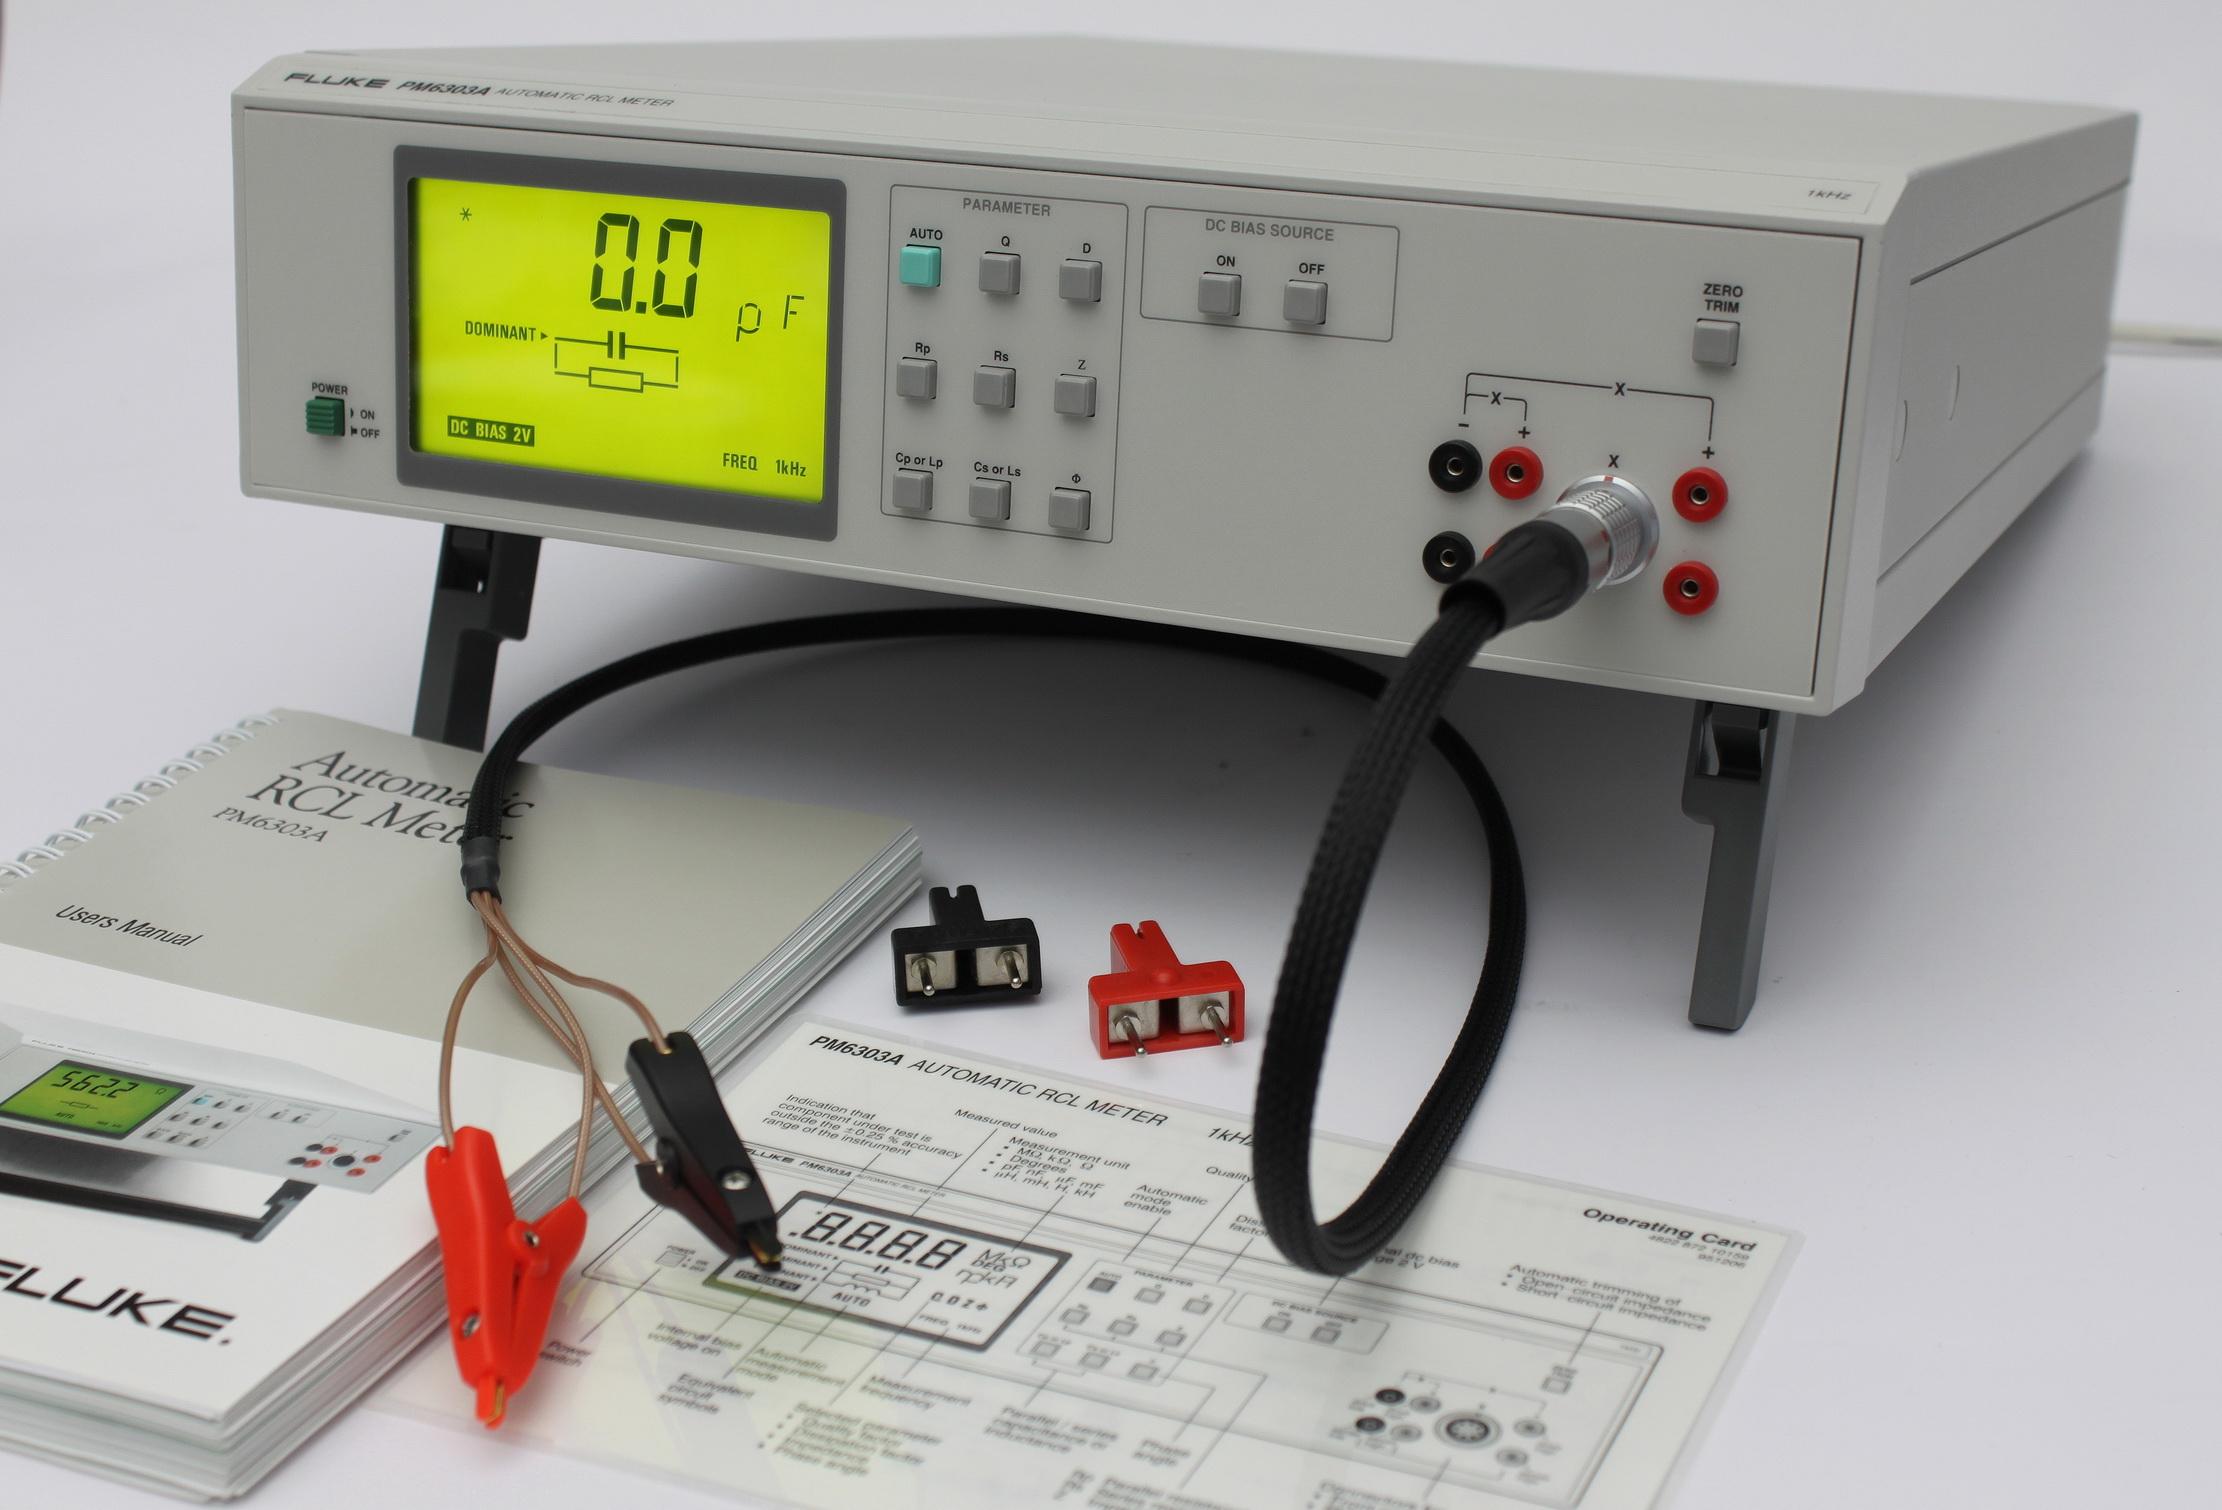 Fluke Pm6303 A Rcl Meter Skye Electronics The Netherlands